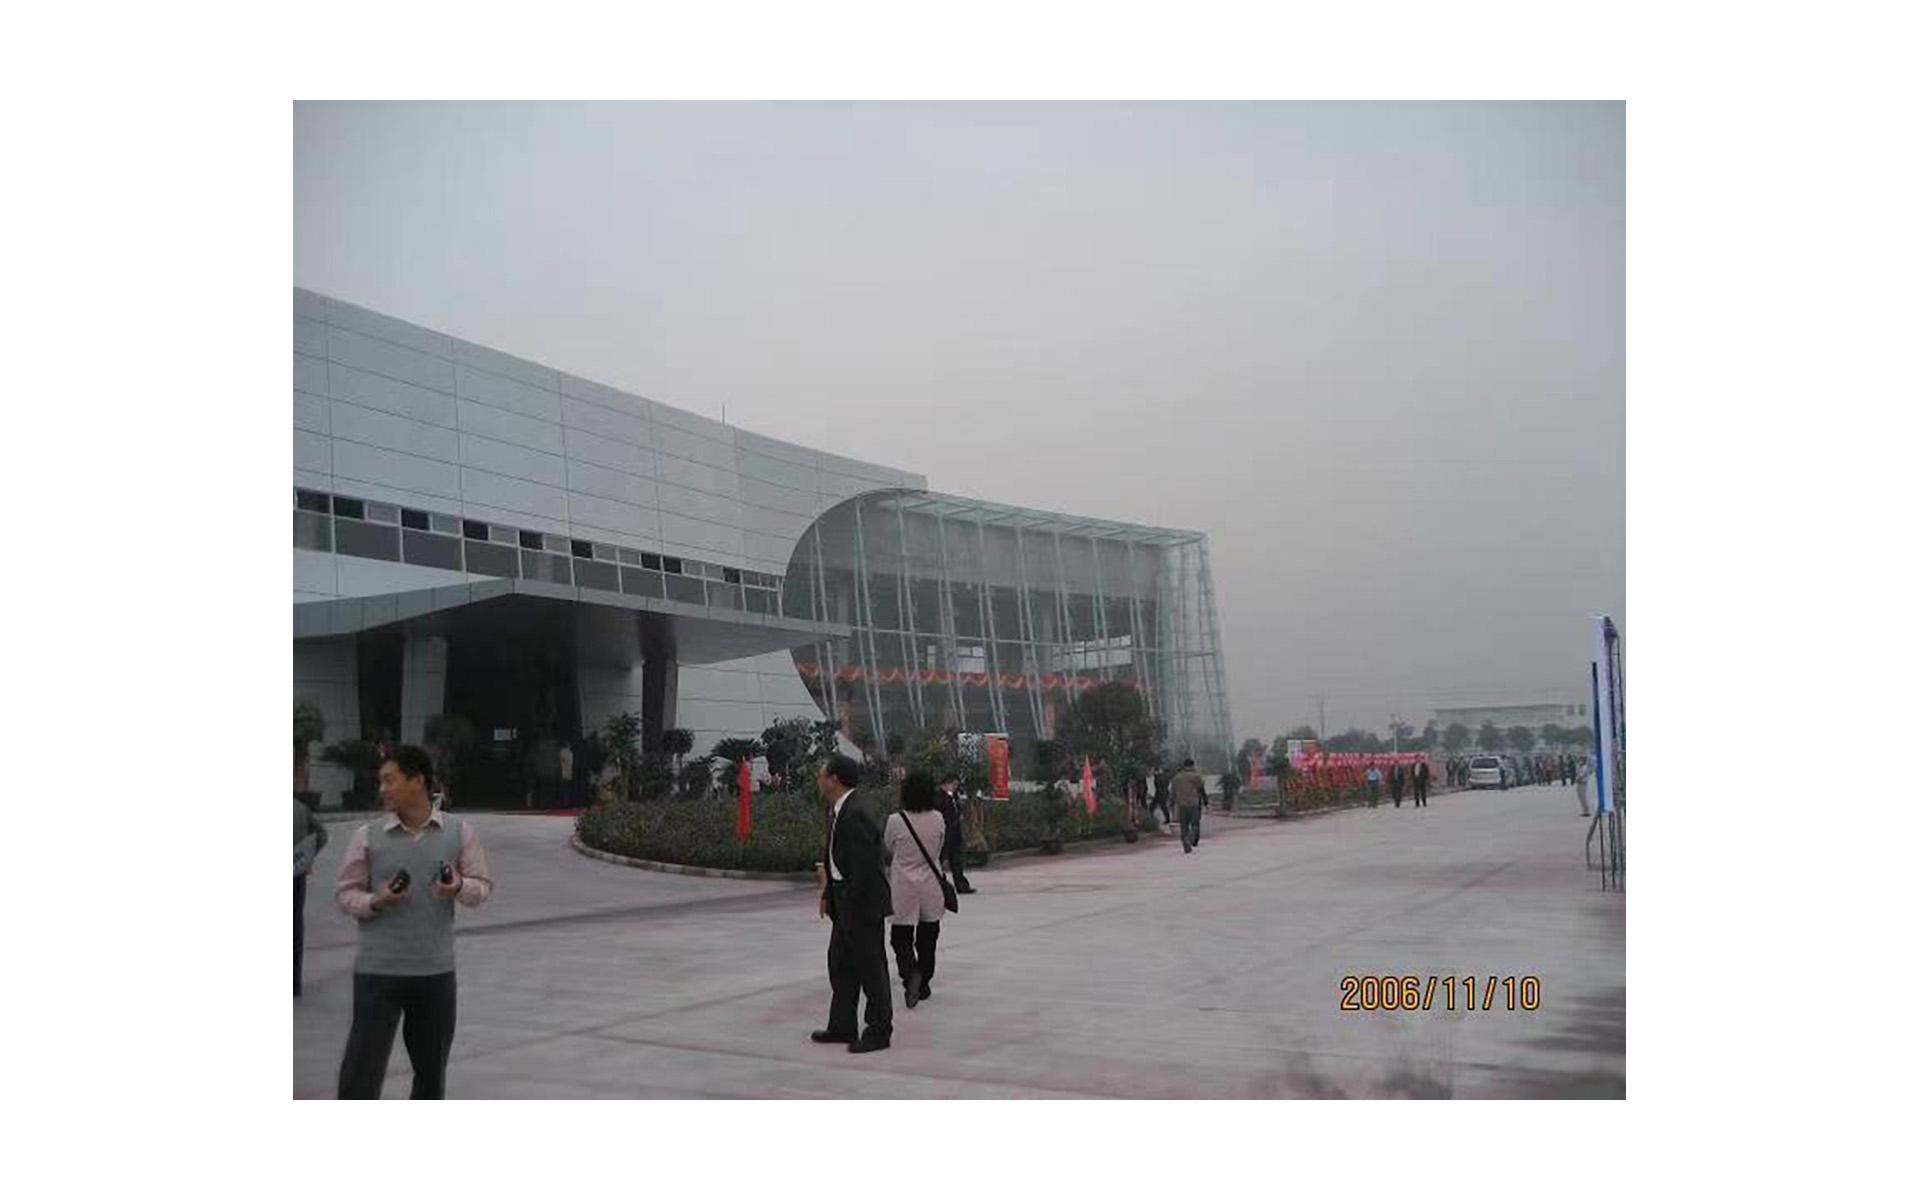 合晶科技青浦廠